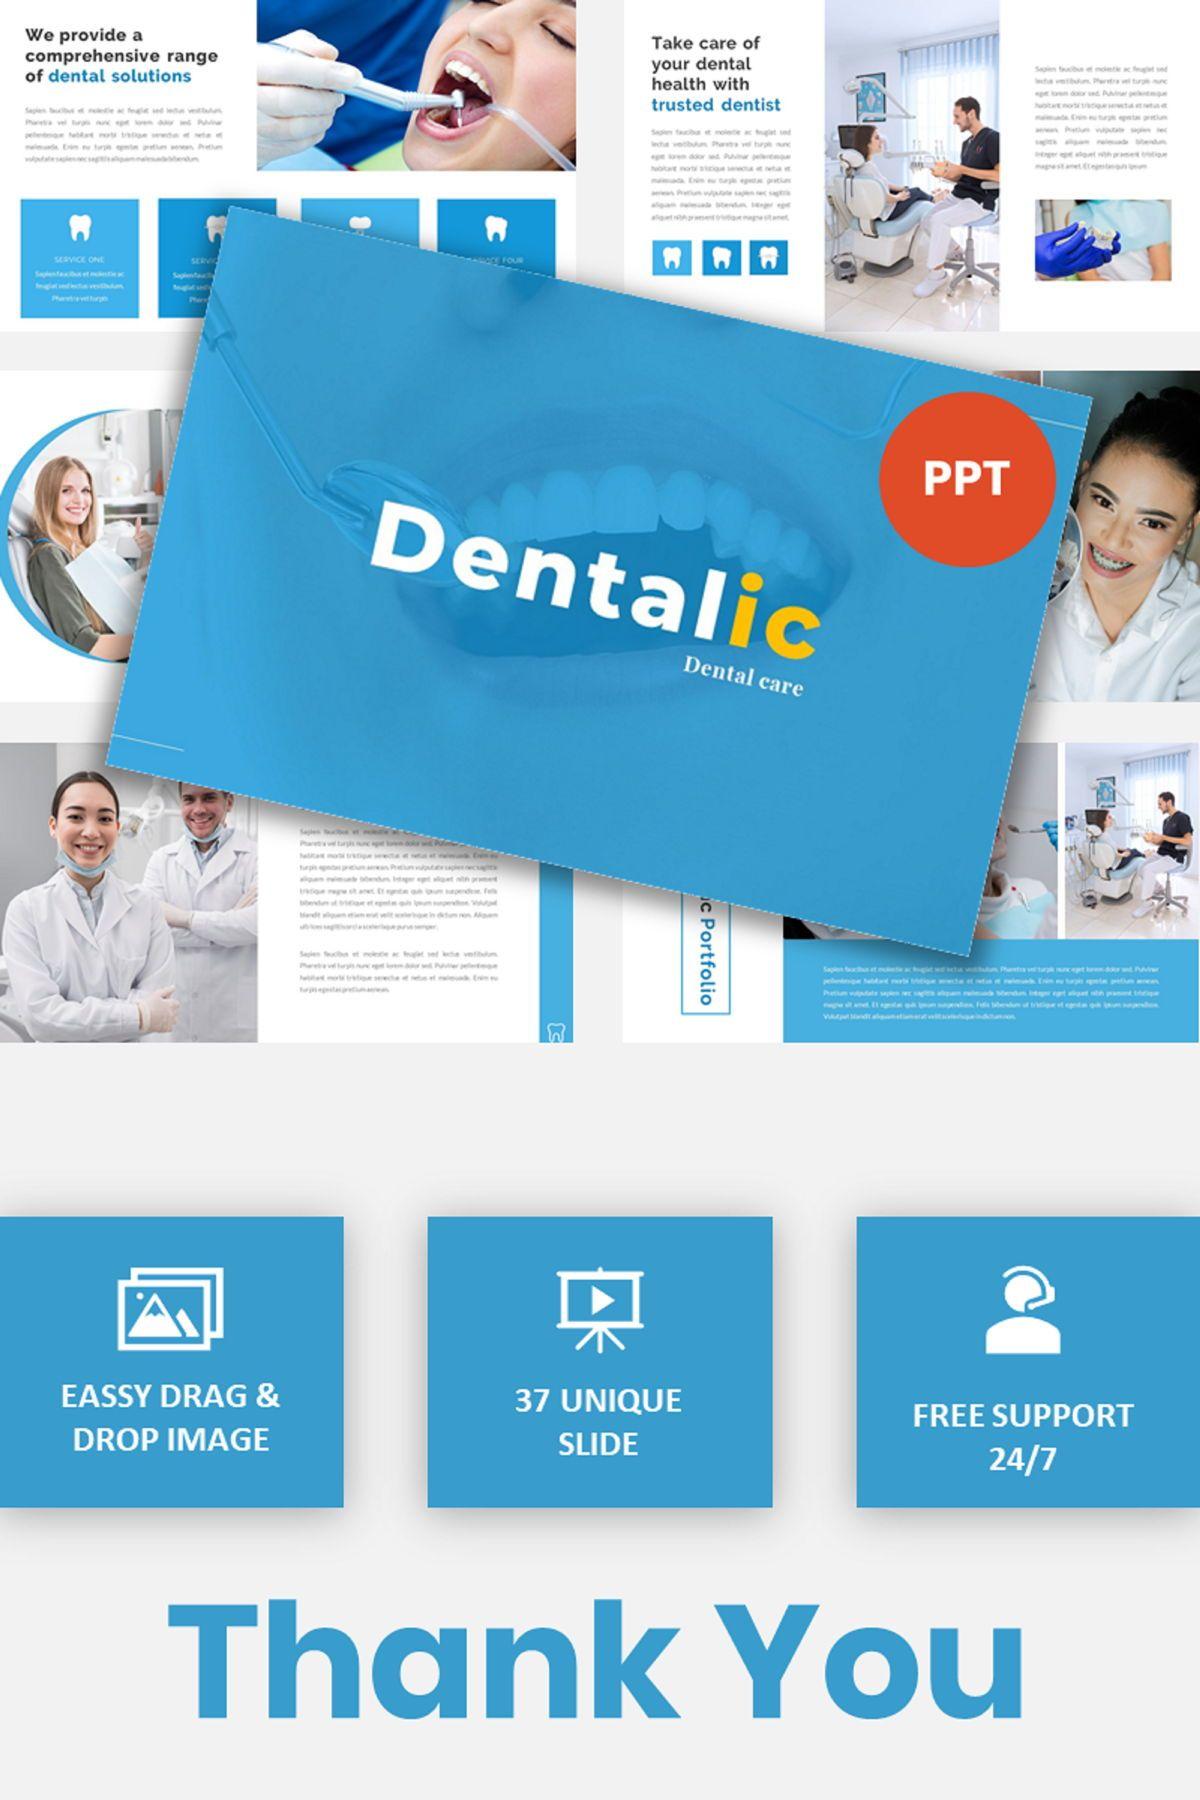 Dentalic - Dental Care Google Slide Template, 06662, Presentation Templates — PoweredTemplate.com